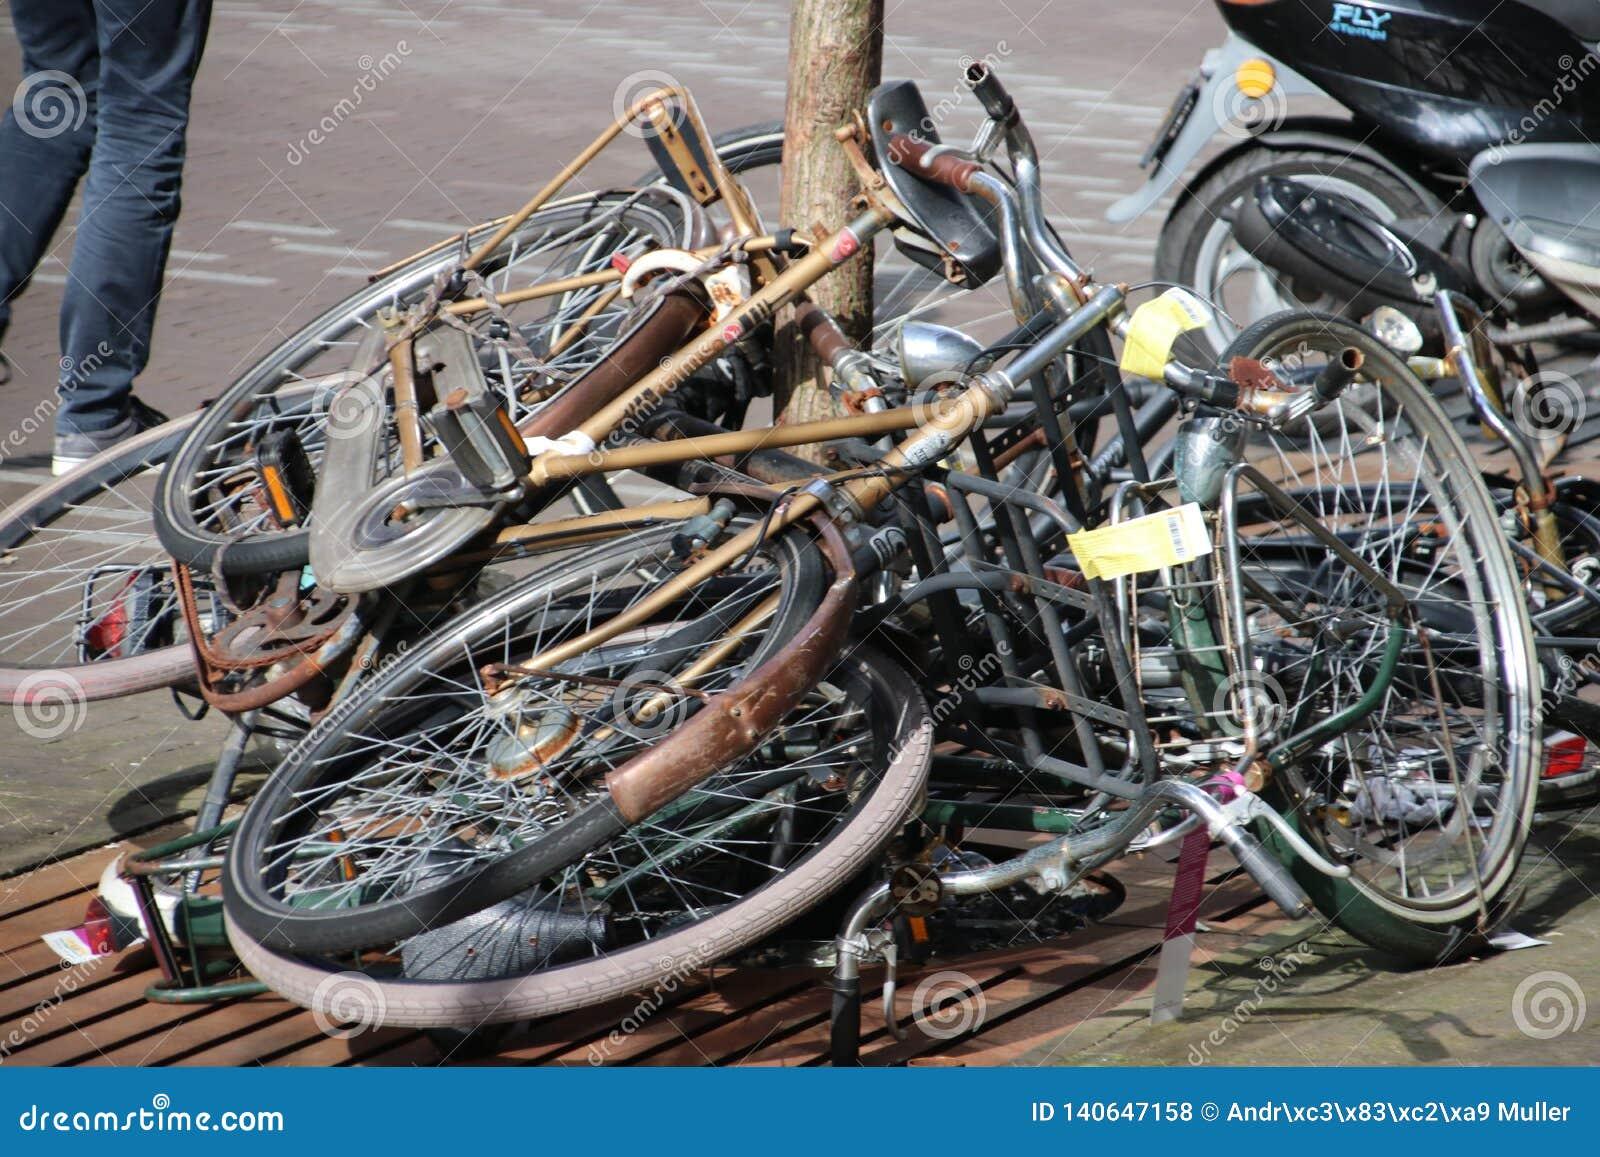 Получившиеся отказ и старыеся велосипеды на улице которые отмечены с ярлыком, который будет извлекать муниципалитет вертепа Haag